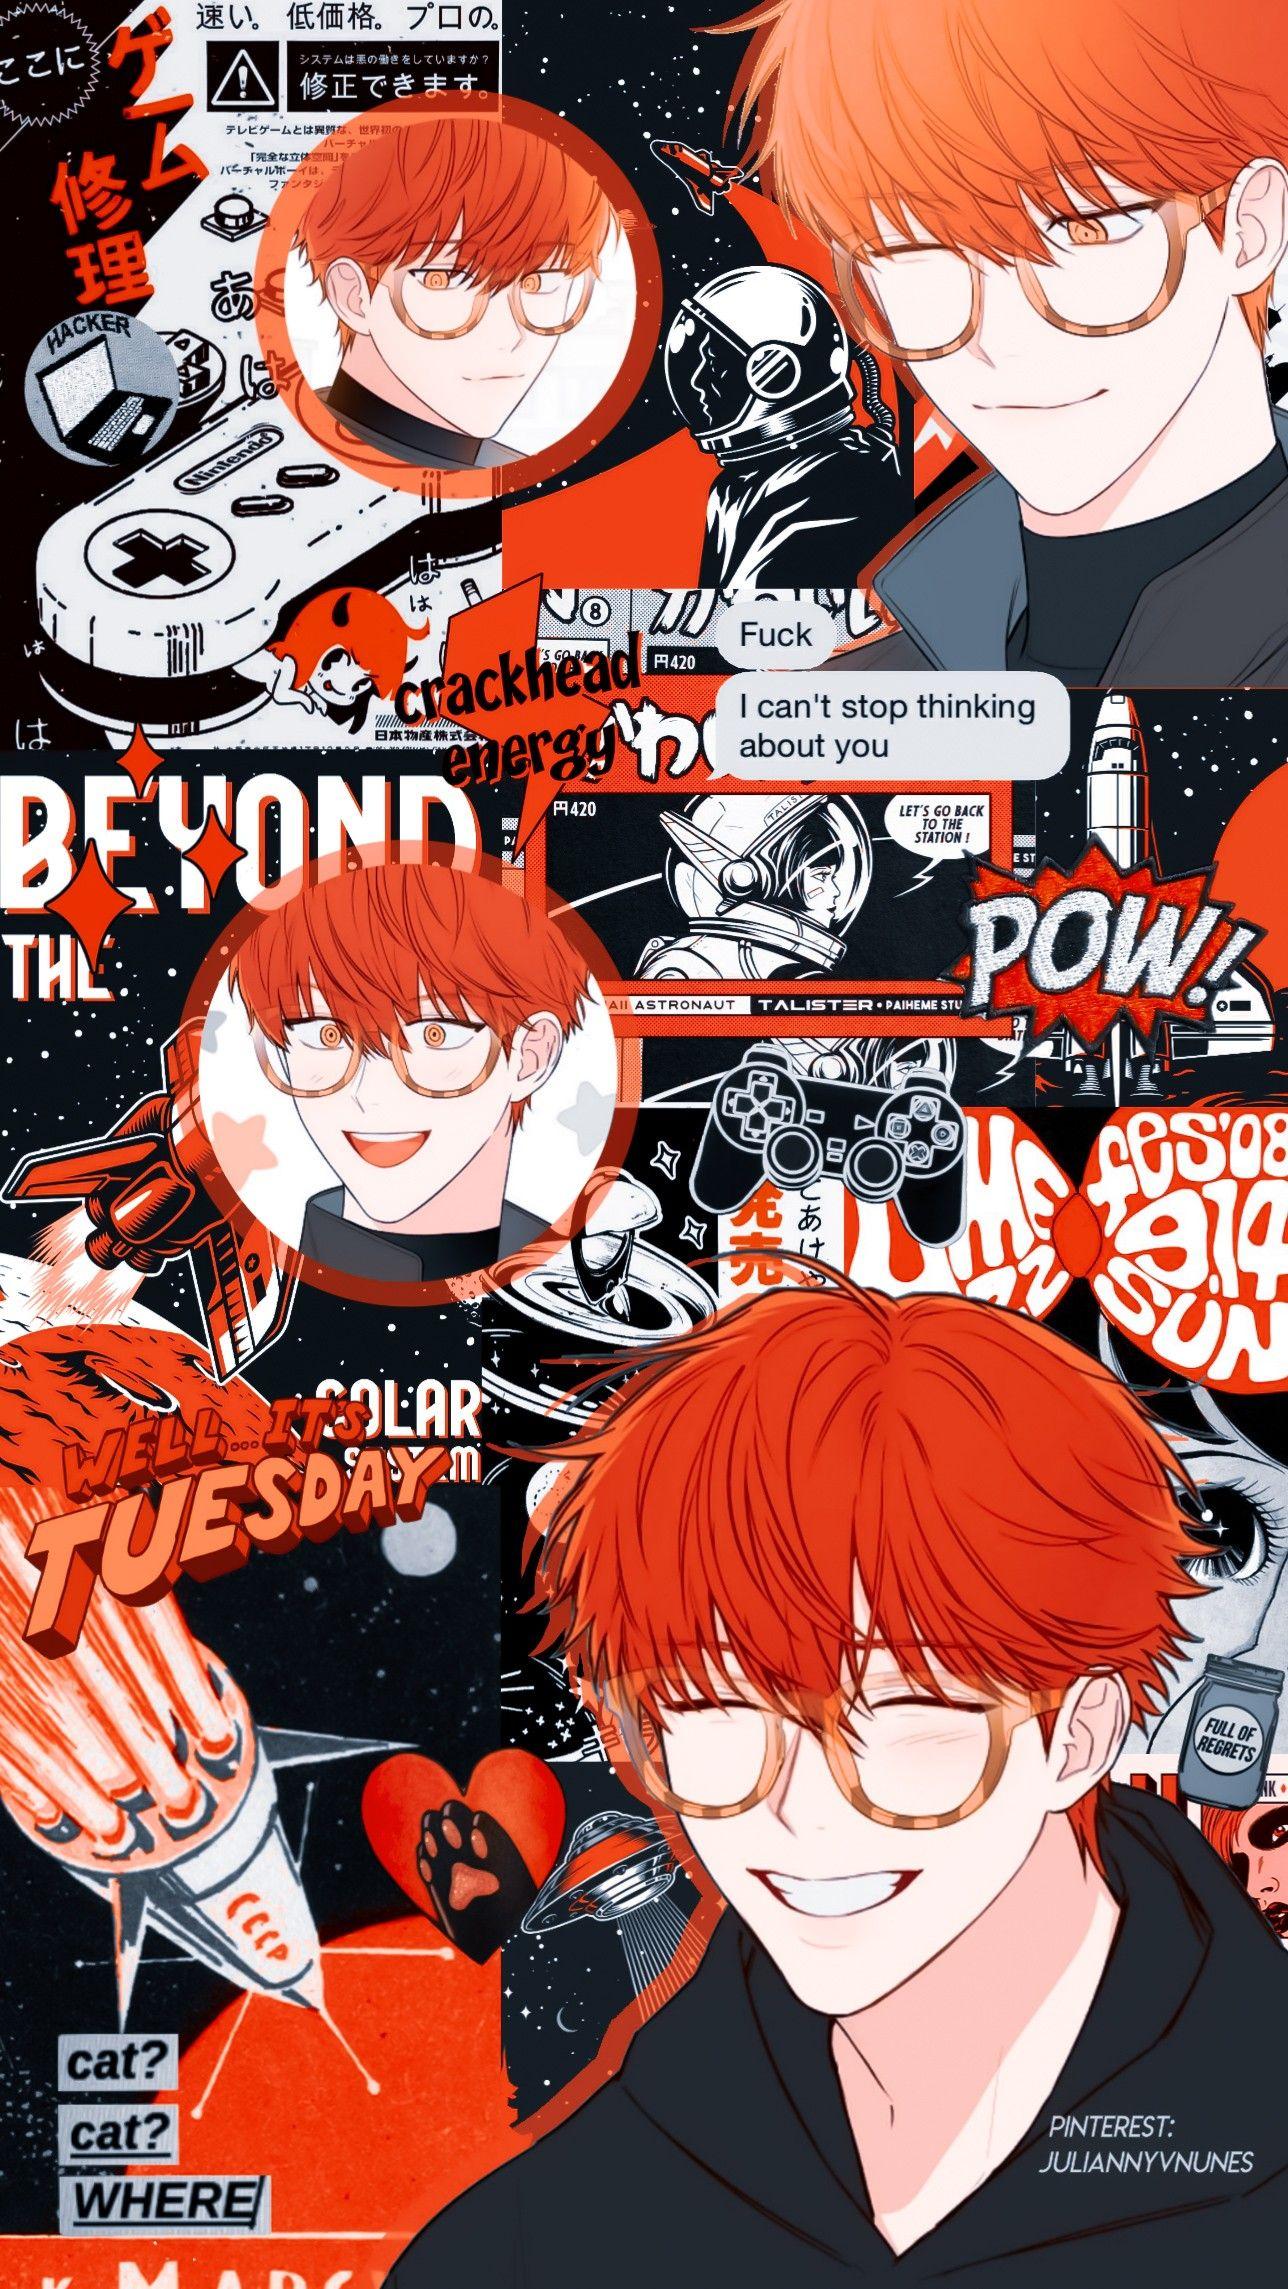 Mystic Messenger Seven 707 Mystic Messenger Seven Mystic Messenger Anime Wallpaper